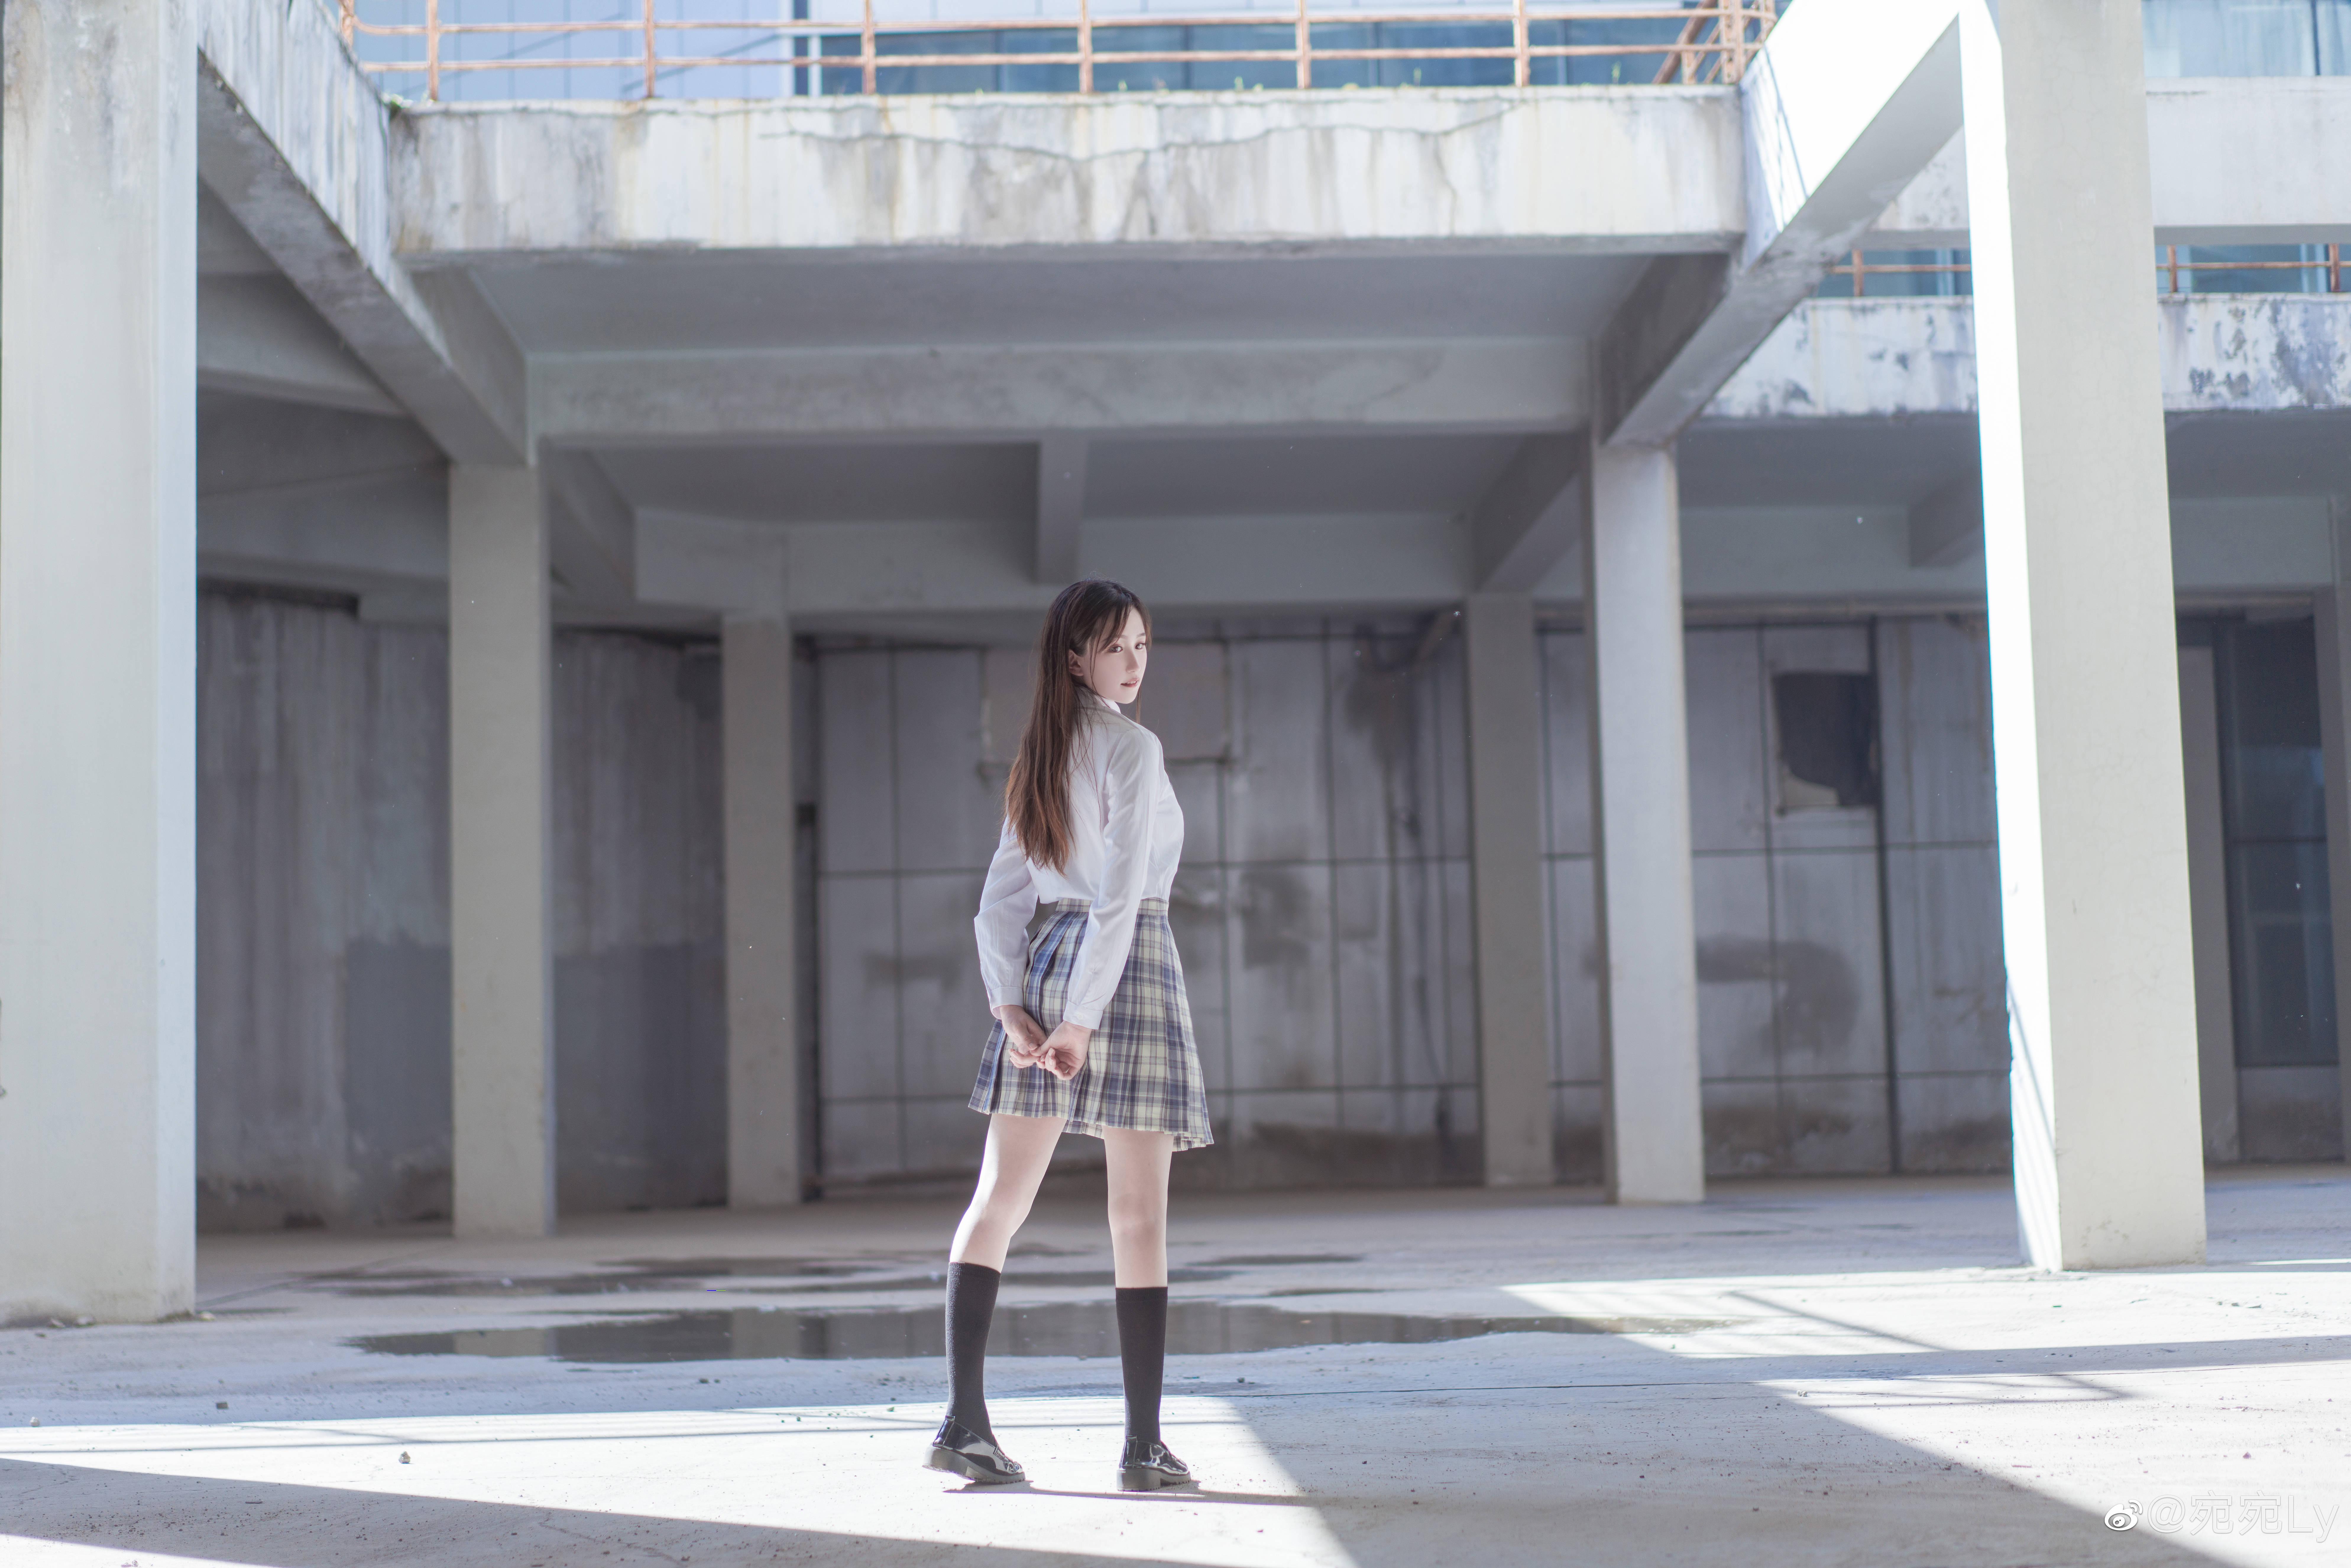 [JK写真]好想看你穿jk的样子 @宛宛Ly 时尚-第3张